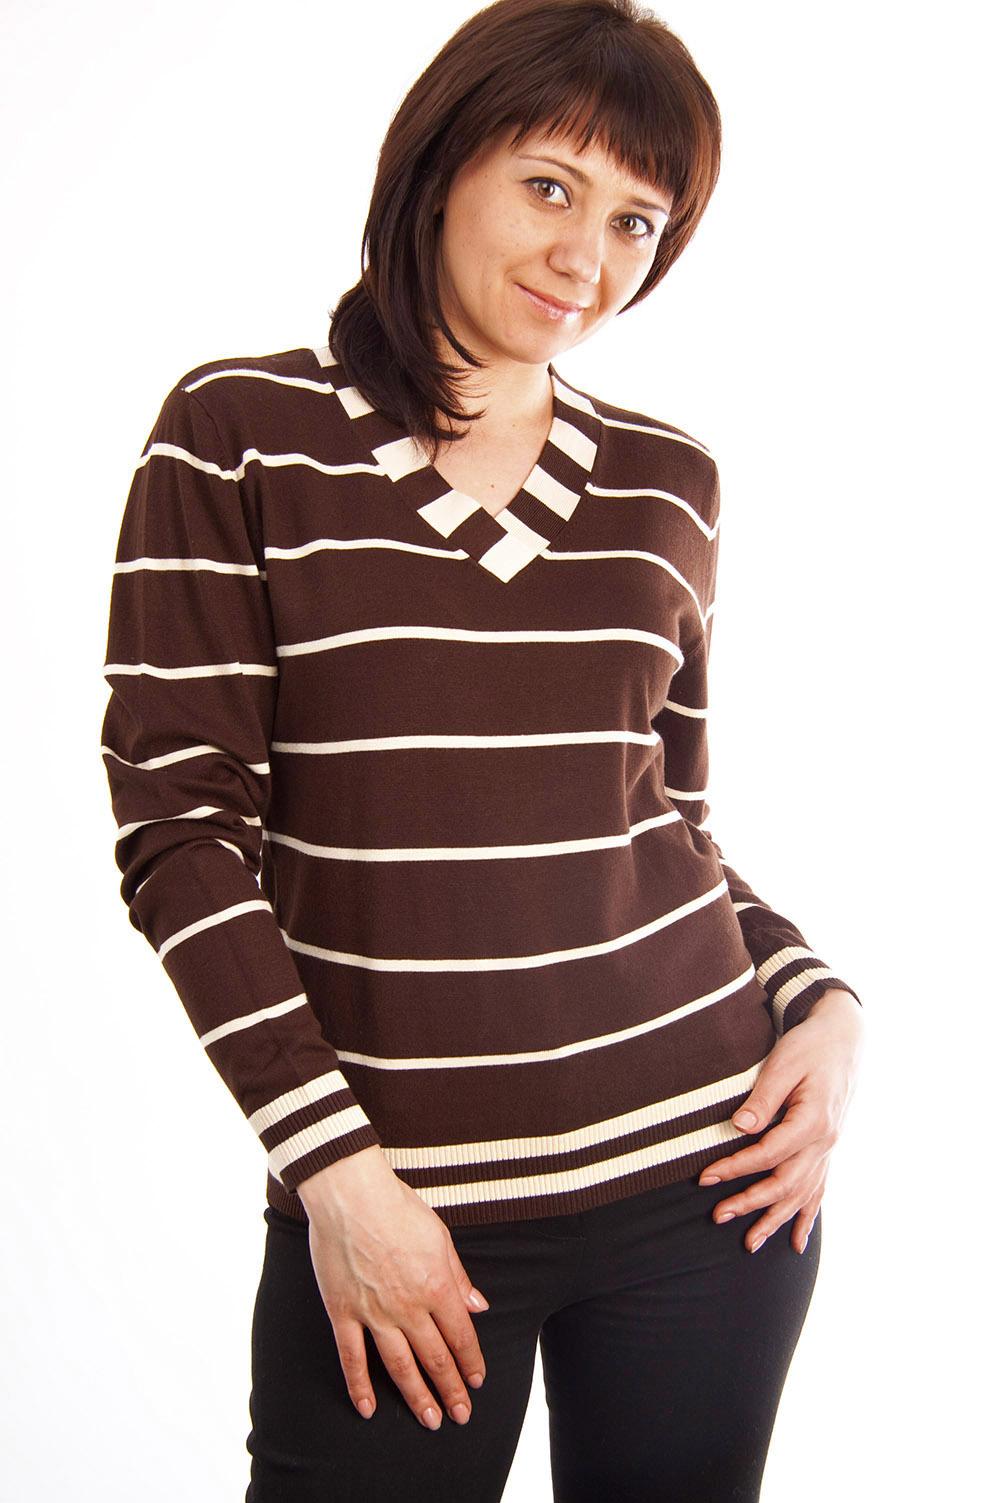 ПуловерПуловеры<br>Пуловер выполнен из качественного материала с рисунком в полоску. Свободного покроя с длинными рукавами, привлекательная вещь для повседневного варианта.  Цвет: коричневый, белый  Ростовка изделия 170 см.  Парметры изделия: 40 размер - обхват груди 74-77 см., обхват талии 60-62 см. 42 размер - обхват груди 78-81 см., обхват талии 63-65 см. 44 размер - обхват груди 82-85 см., обхват талии 66-69 см. 46 размер - обхват груди 86-89 см., обхват талии 70-73 см. 48 размер - обхват груди 90-93 см., обхват талии 74-77 см. 50 размер - обхват груди 94-97 см., обхват талии 78-81 см. 52 размер - обхват груди 98-102 см., обхват талии 82-86 см. 54 размер - обхват груди 103-107 см., обхват талии 87-91 см. 56 размер - обхват груди 108-113 см., обхват талии 92-96 см. 58/60 размер - обхват груди 114-119 см., обхват талии 97-102 см. 62 размер - обхват груди 120-125 см., обхват талии 103-108 см.<br><br>По образу: Город,Свидание<br>По стилю: Повседневный стиль<br>По материалу: Хлопок,Трикотаж<br>По рисунку: Цветные,В полоску<br>По сезону: Весна,Осень<br>По силуэту: Полуприталенные<br>Рукав: Длинный рукав<br>Горловина: V- горловина<br>Размер: 50,52<br>Материал: 80% хлопок 10% эластан 10% вискоза<br>Количество в наличии: 2